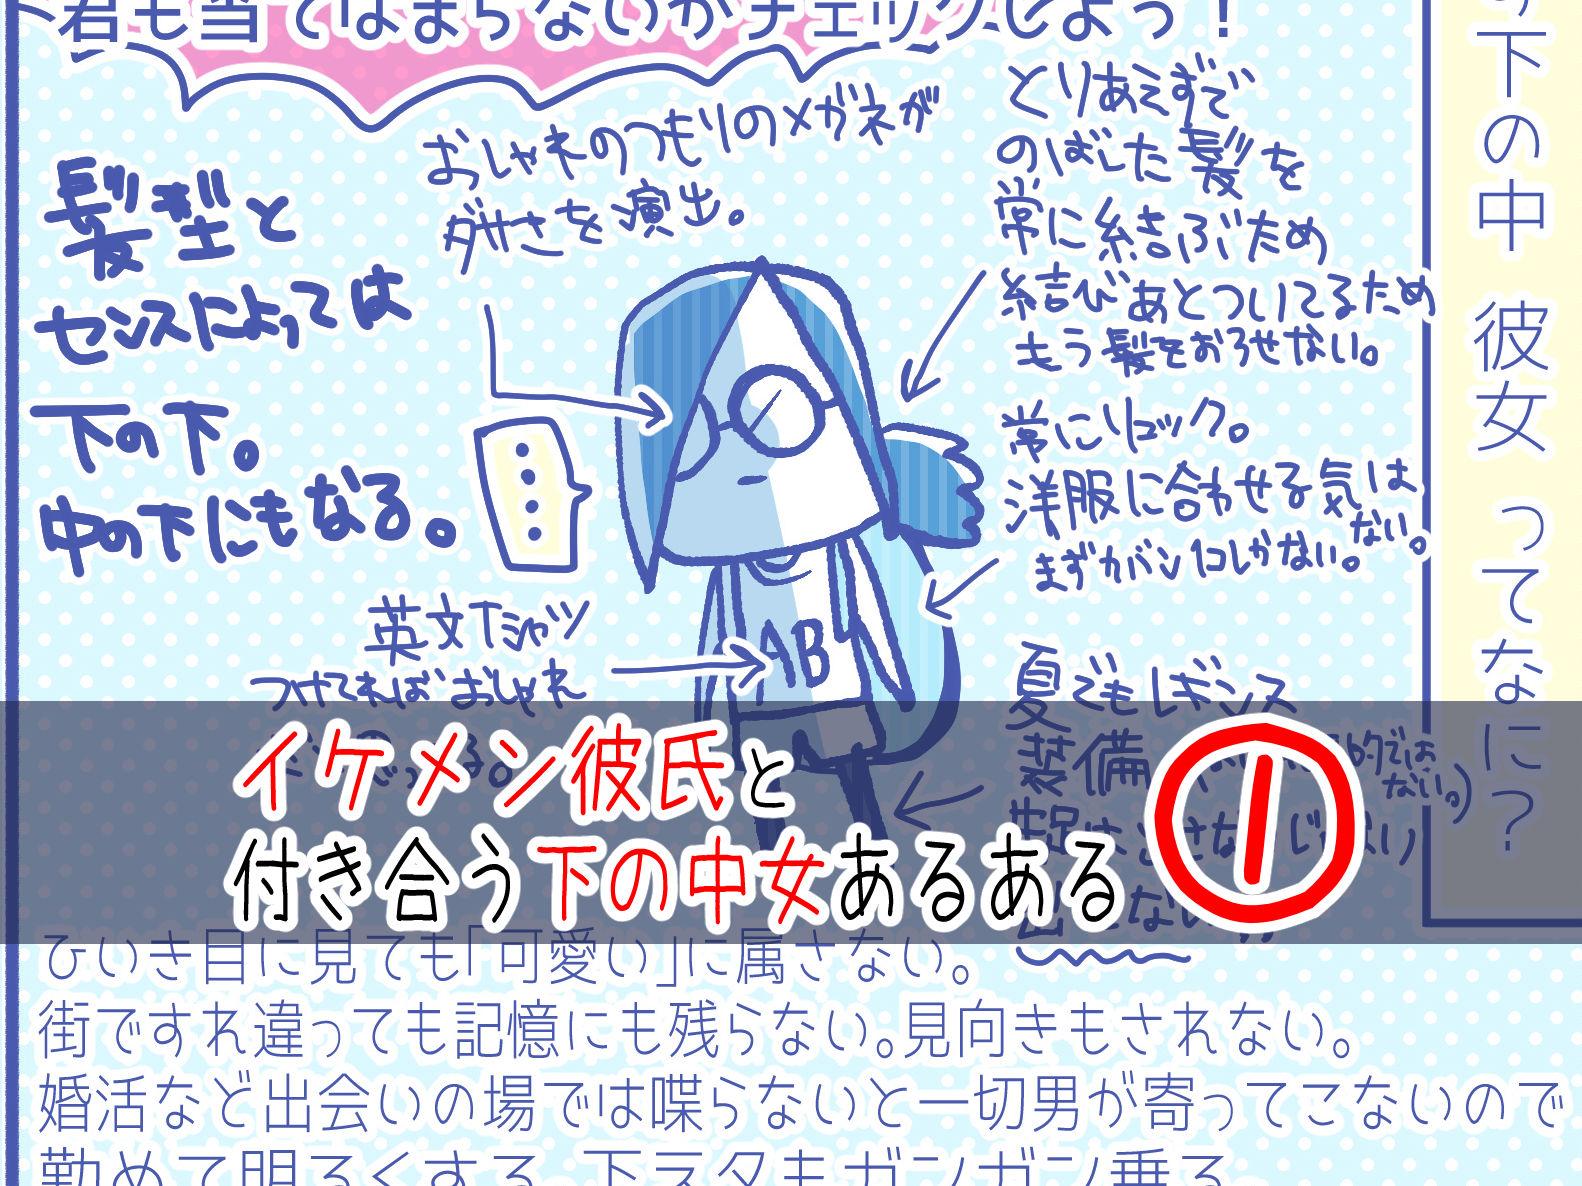 f:id:futagosiroan:20190123210719j:image